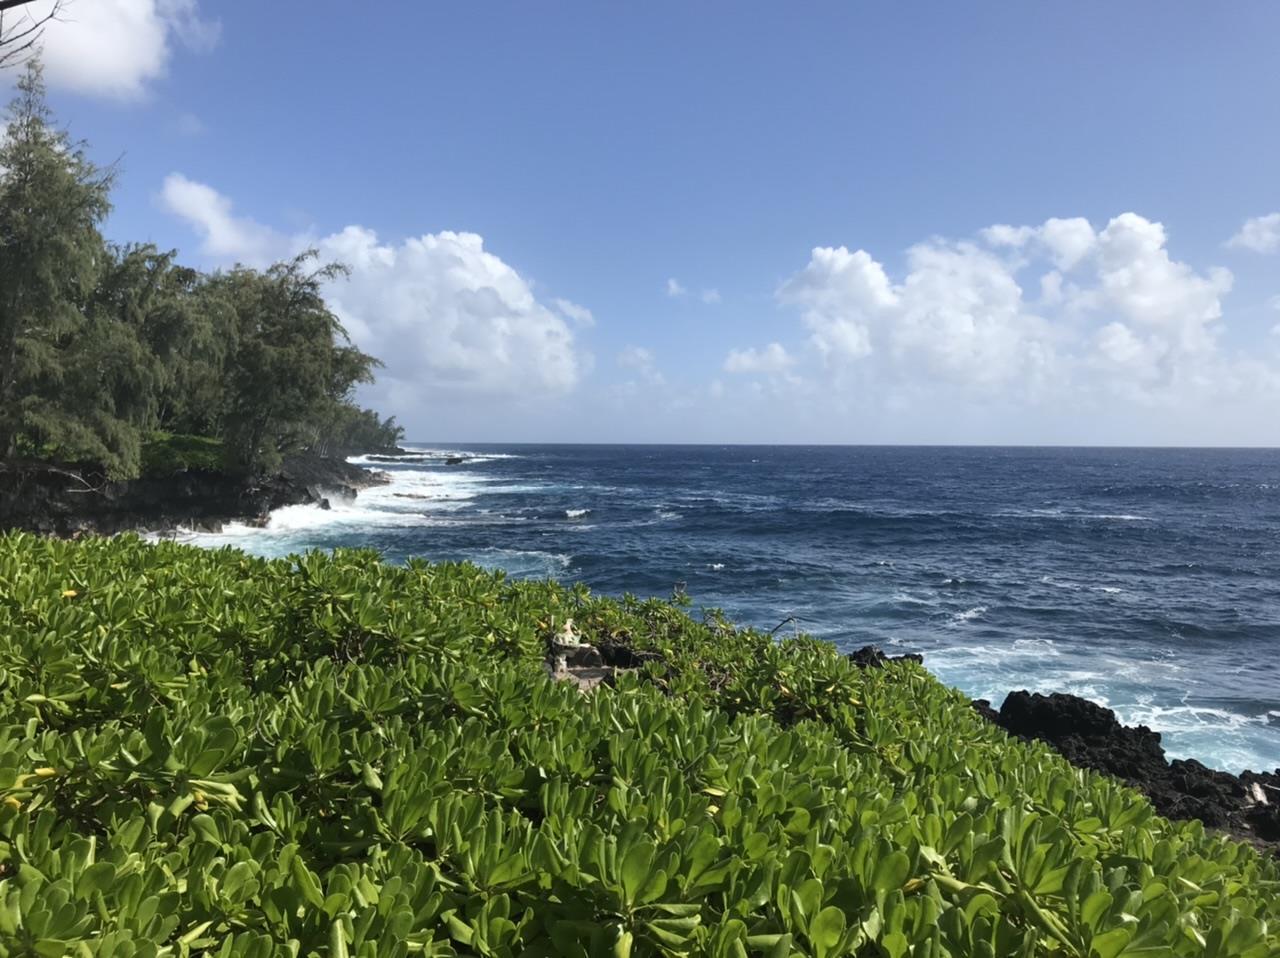 Kalapana_Puna_Big Island Hawaii.jpg